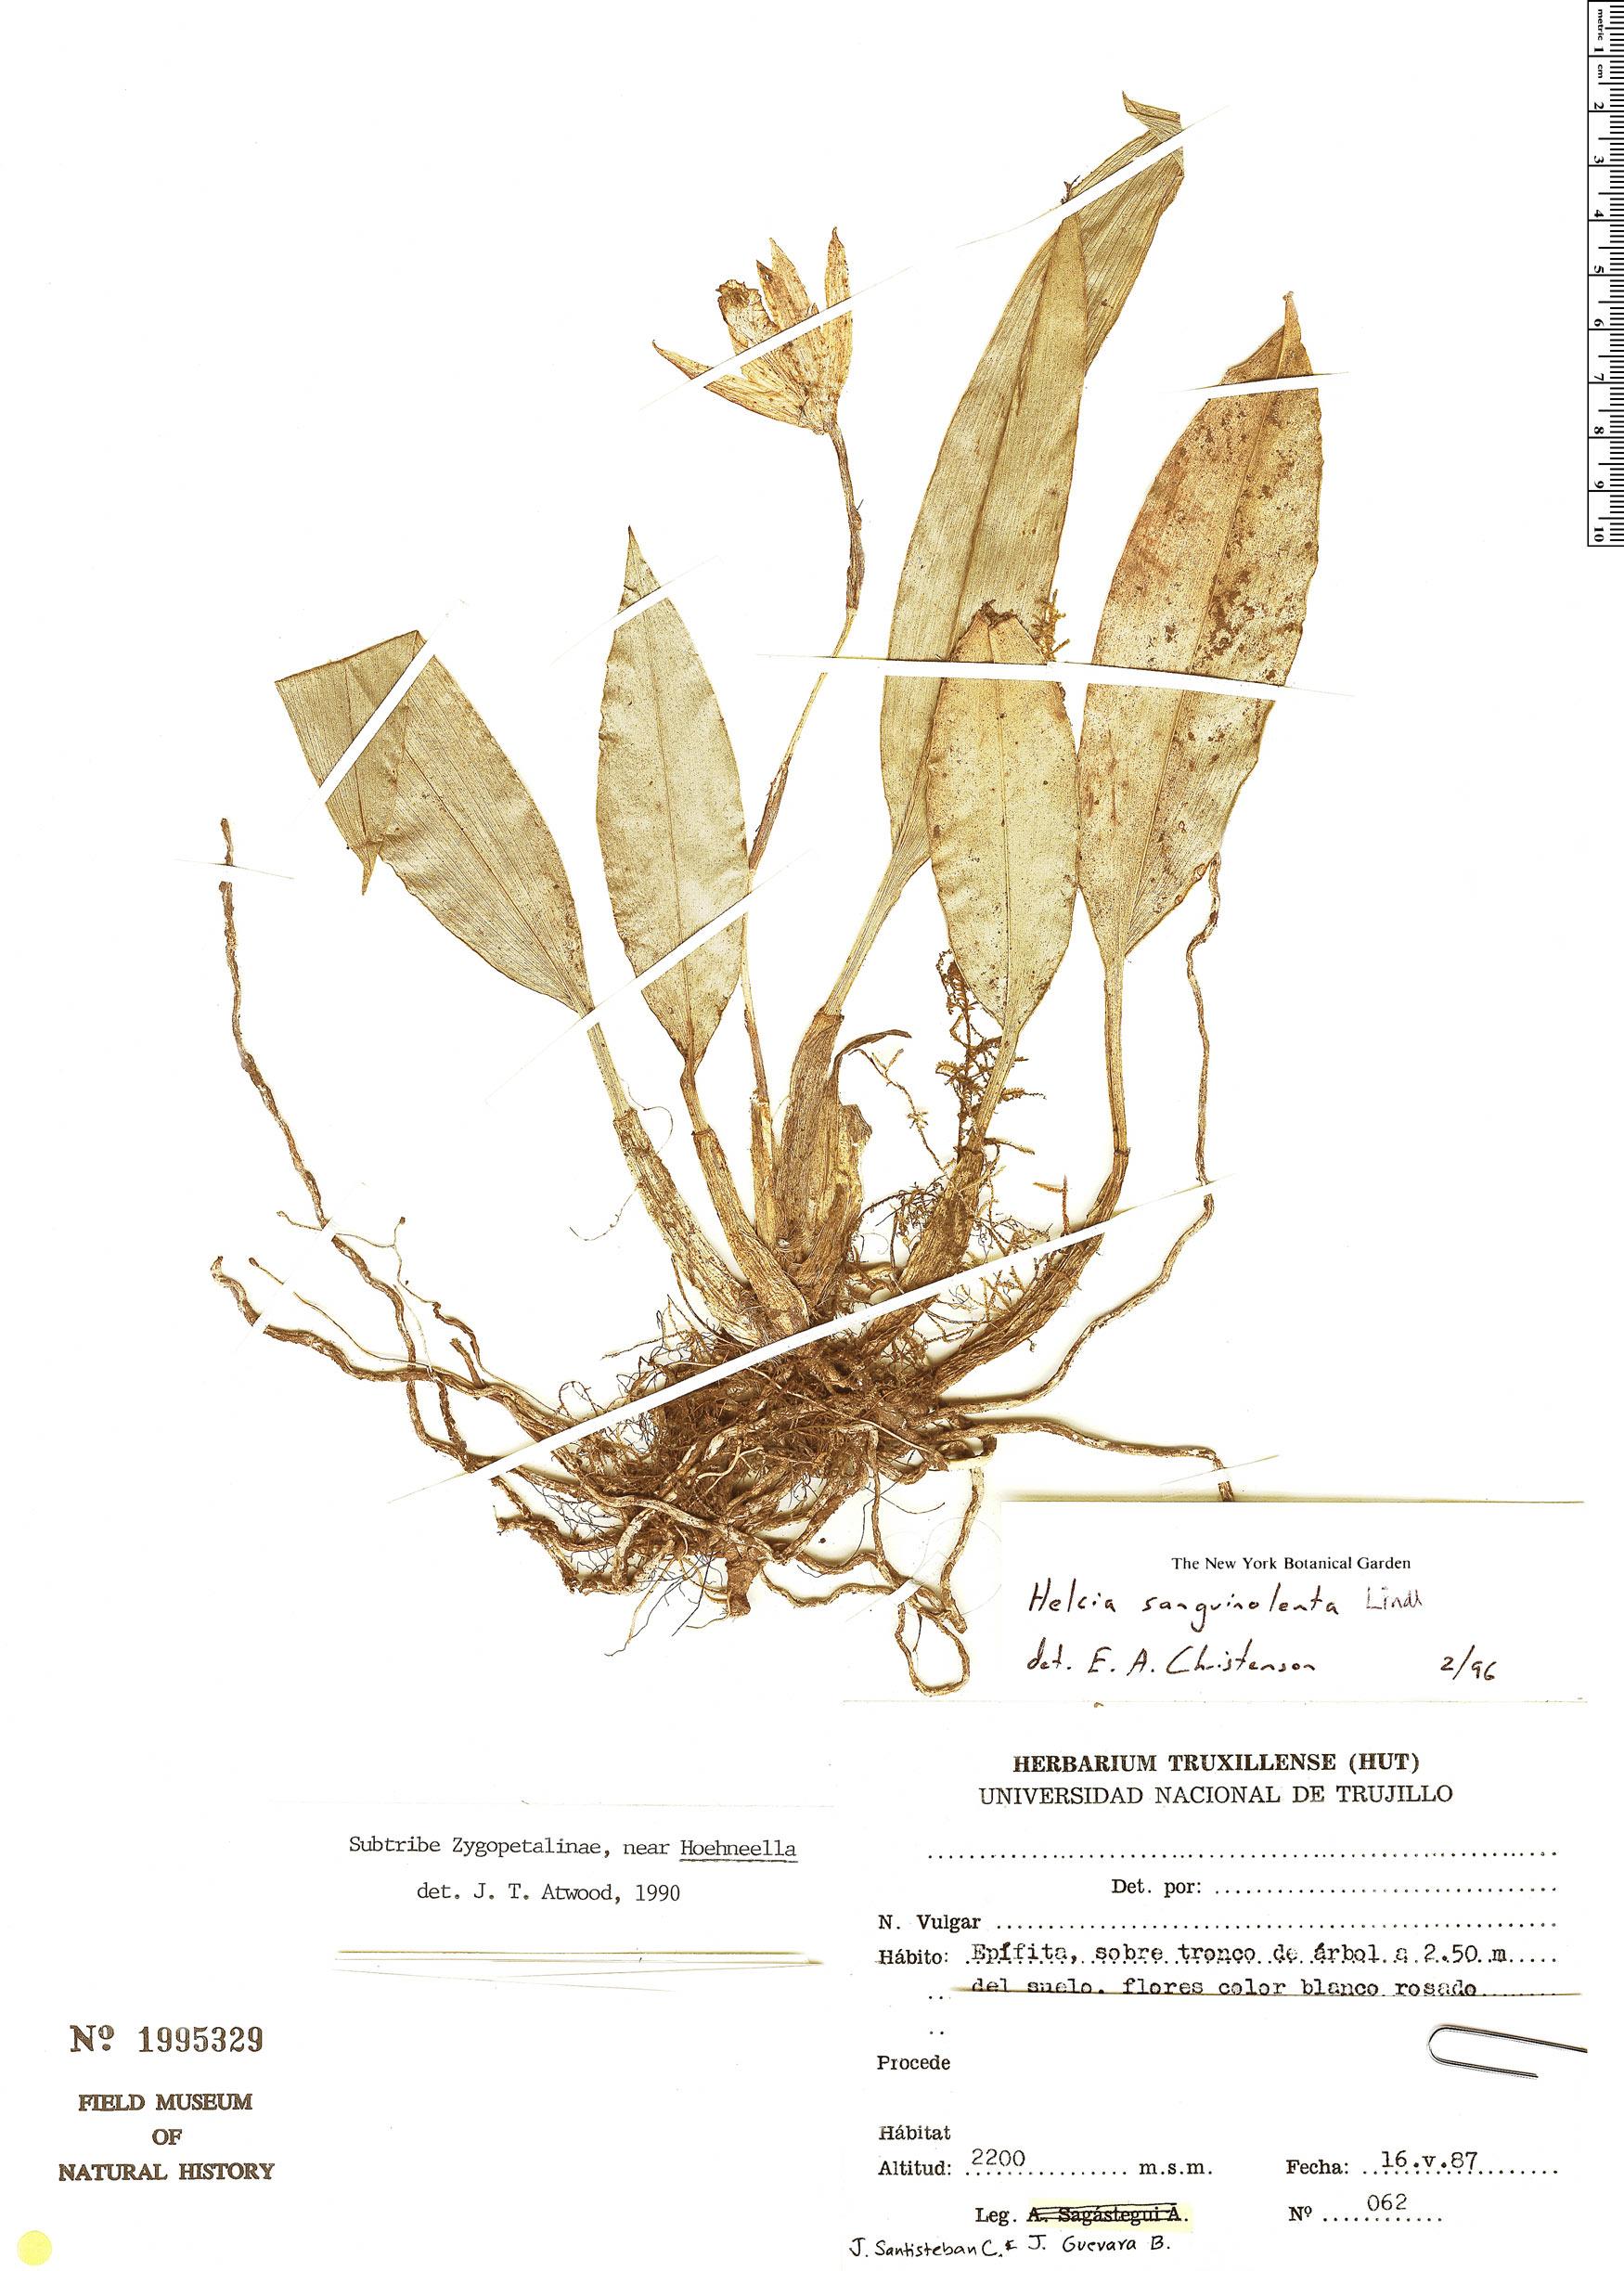 Specimen: Helcia sanguinolenta